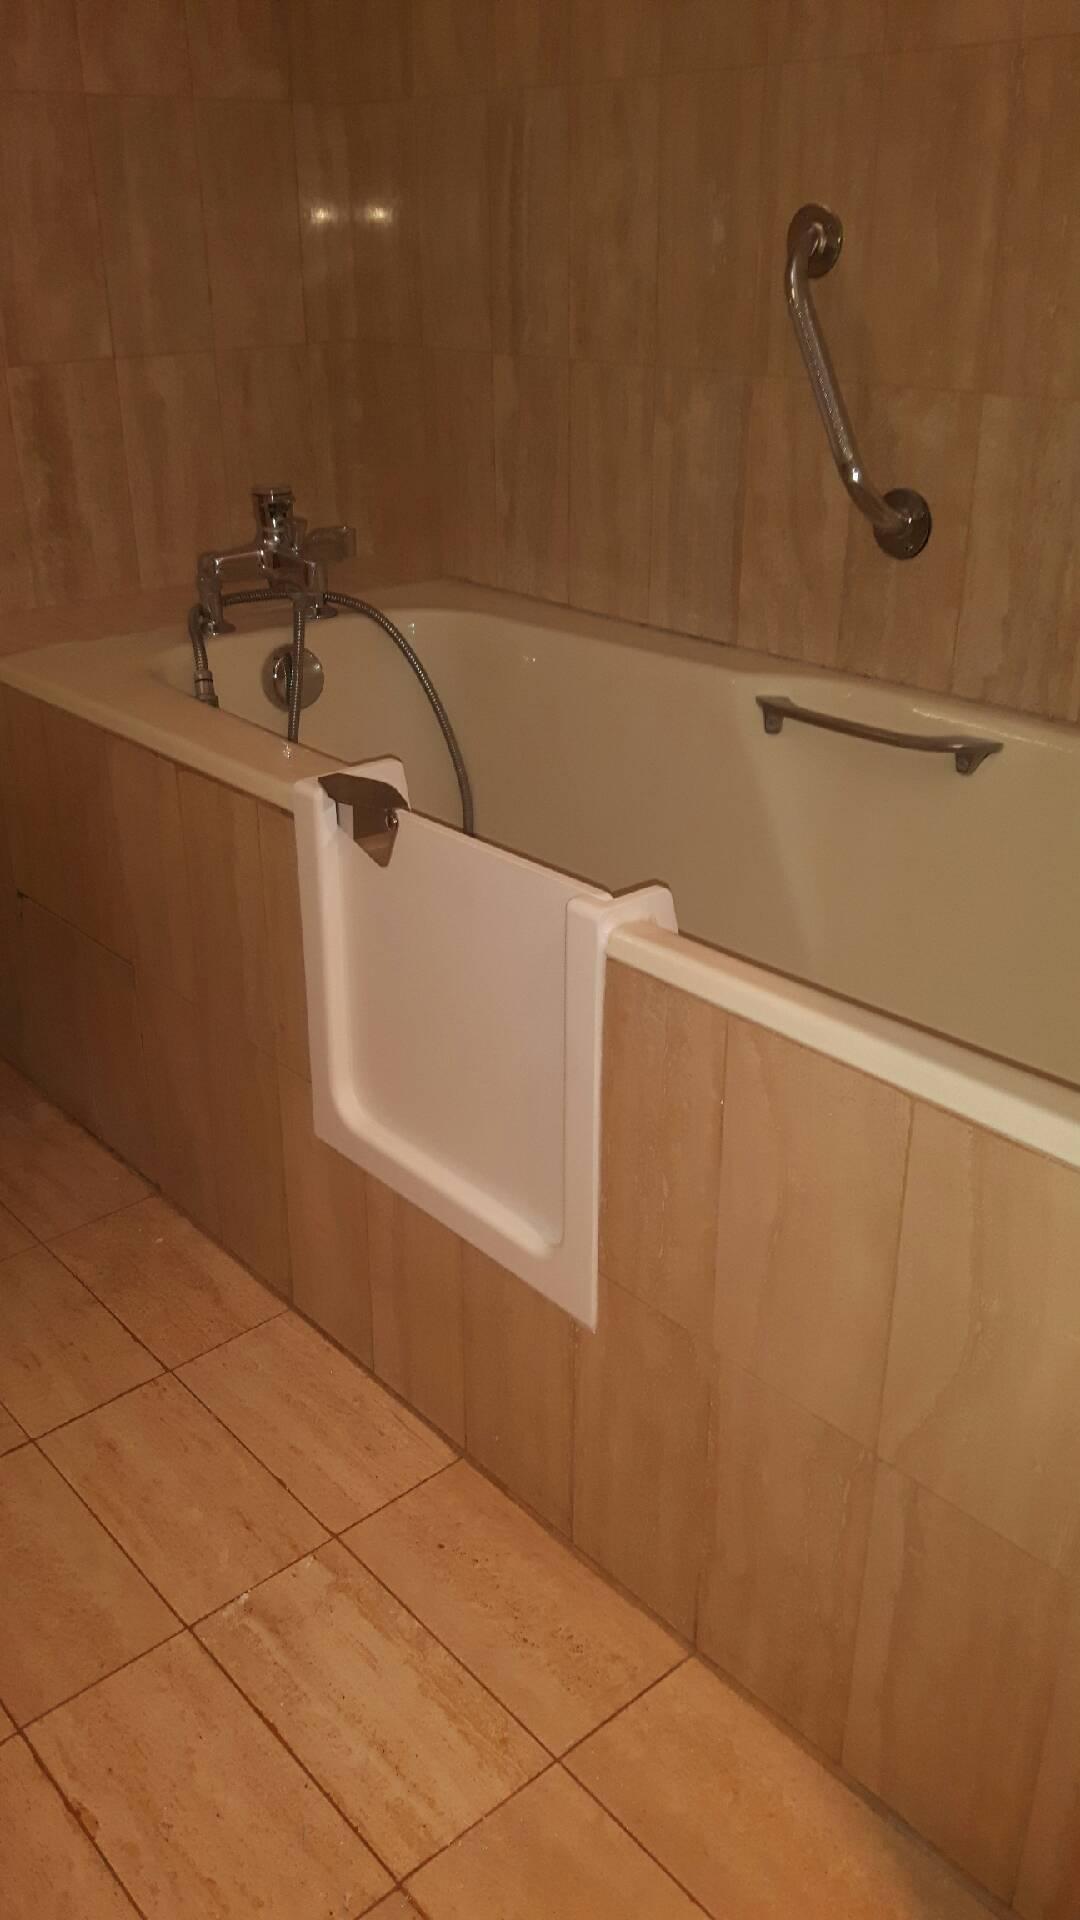 Poser Une Baignoire Avec Rebord découpe latérale de baignoire bordeaux - renovbain